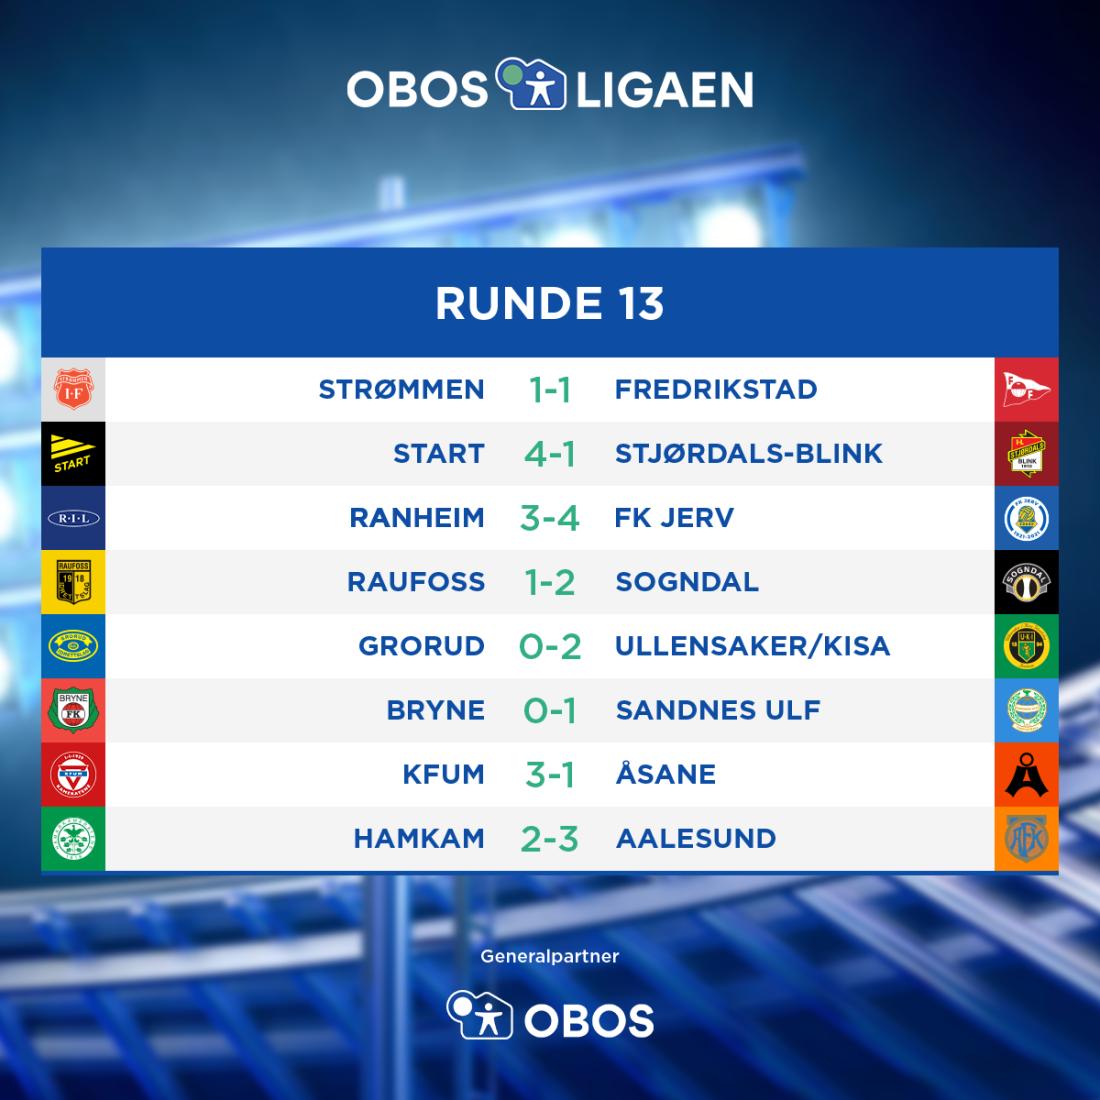 OBOS-ligaen - 2021 - Resultater - Runde 13.png